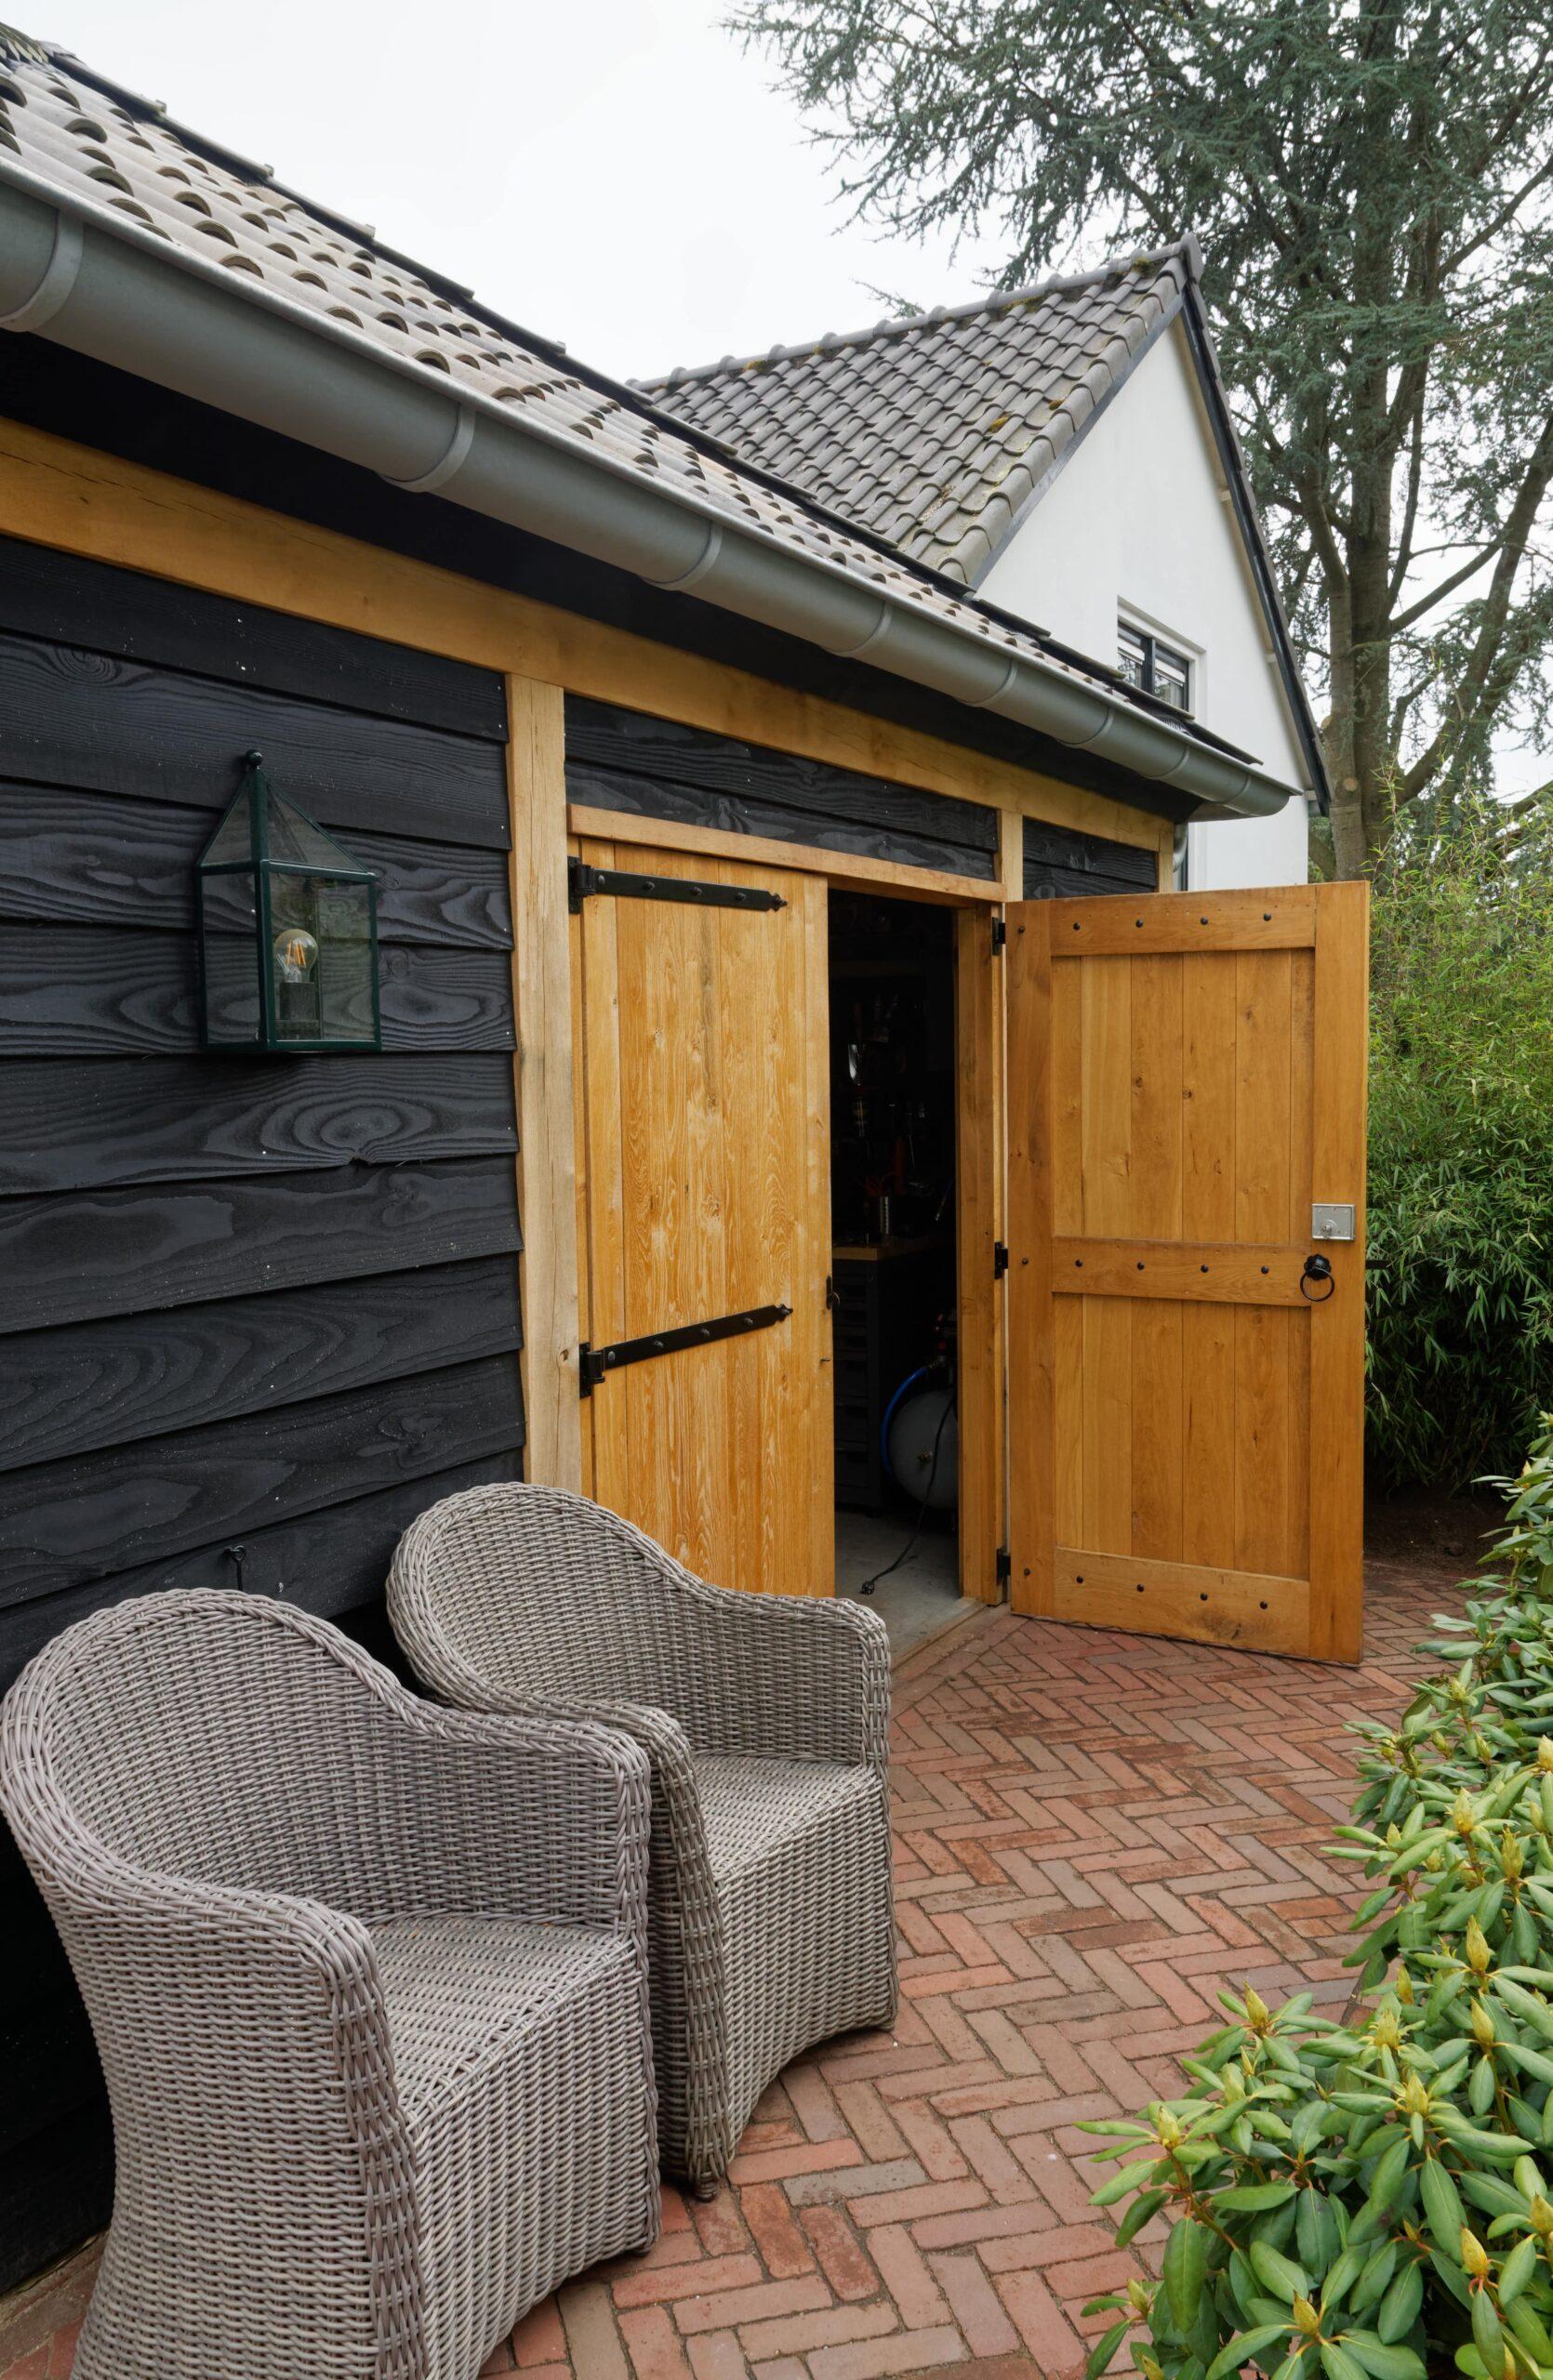 Eiken-bijgebouw-2-scaled - Project Laren: Houten schuur met sauna en tuinkamer